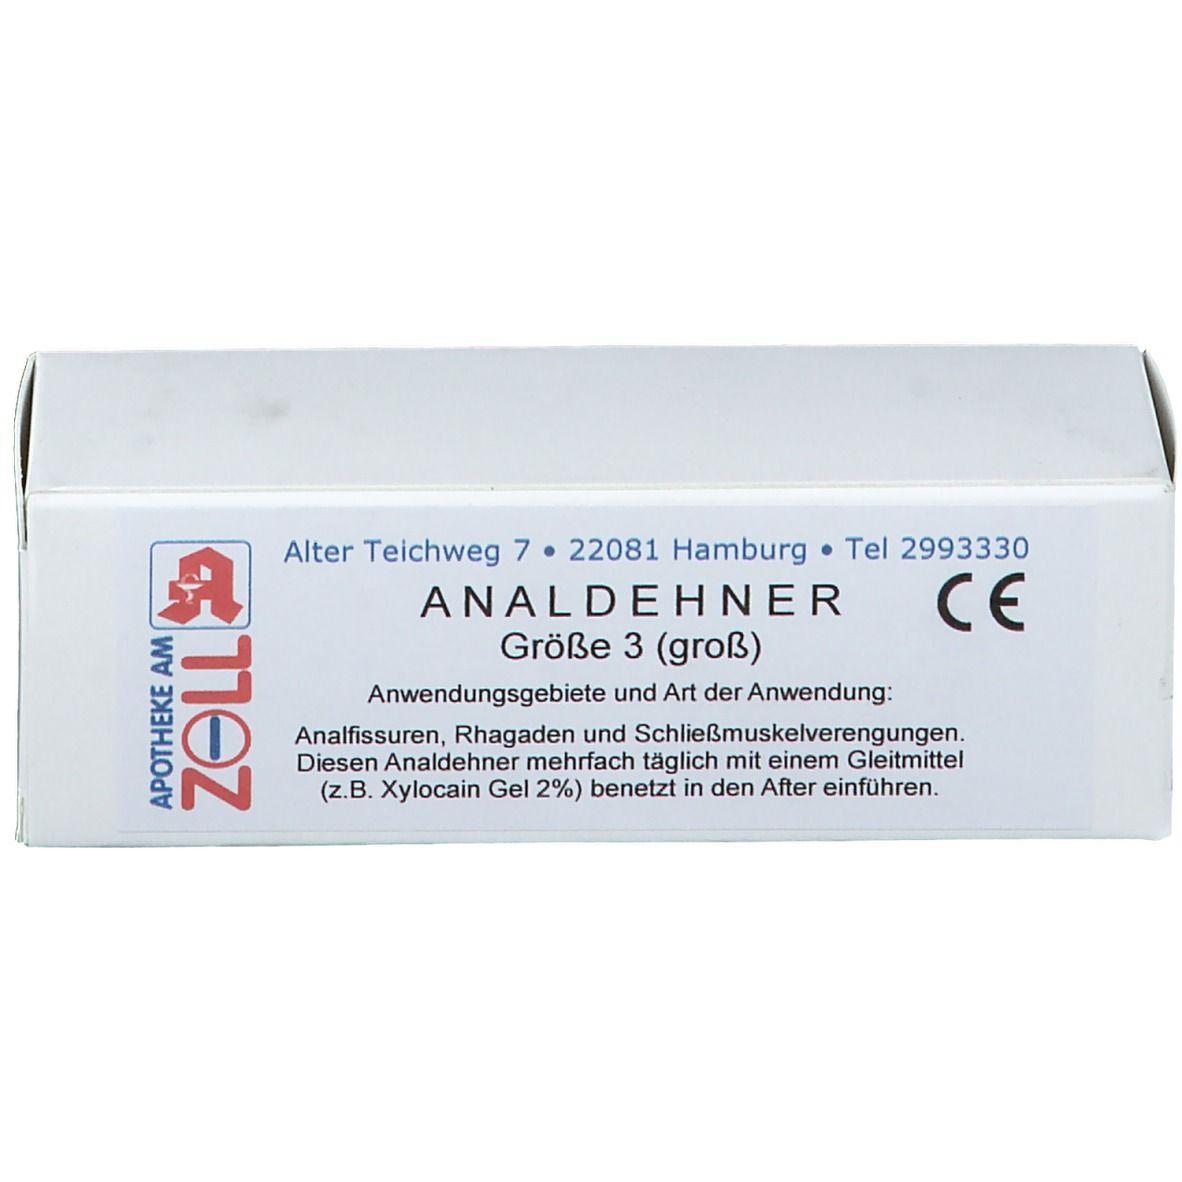 Analdehner Gr. 3 groß